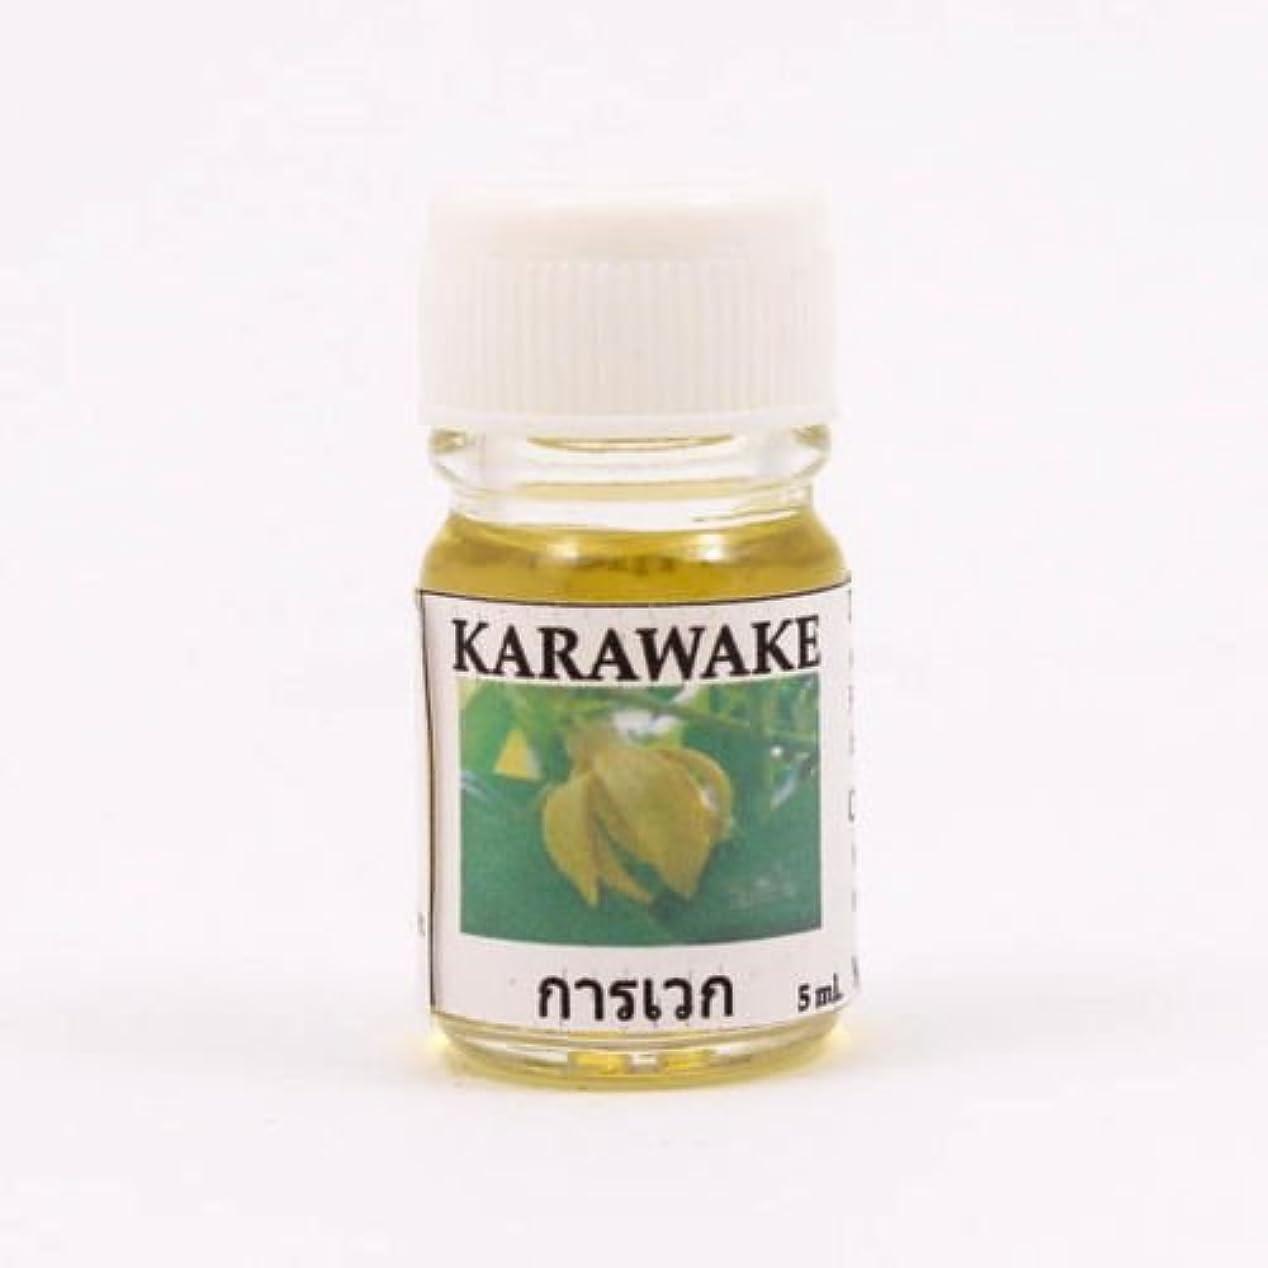 受け取る理想的コントロール6X Karawake Aroma Fragrance Essential Oil 5ML. cc Diffuser Burner Therapy